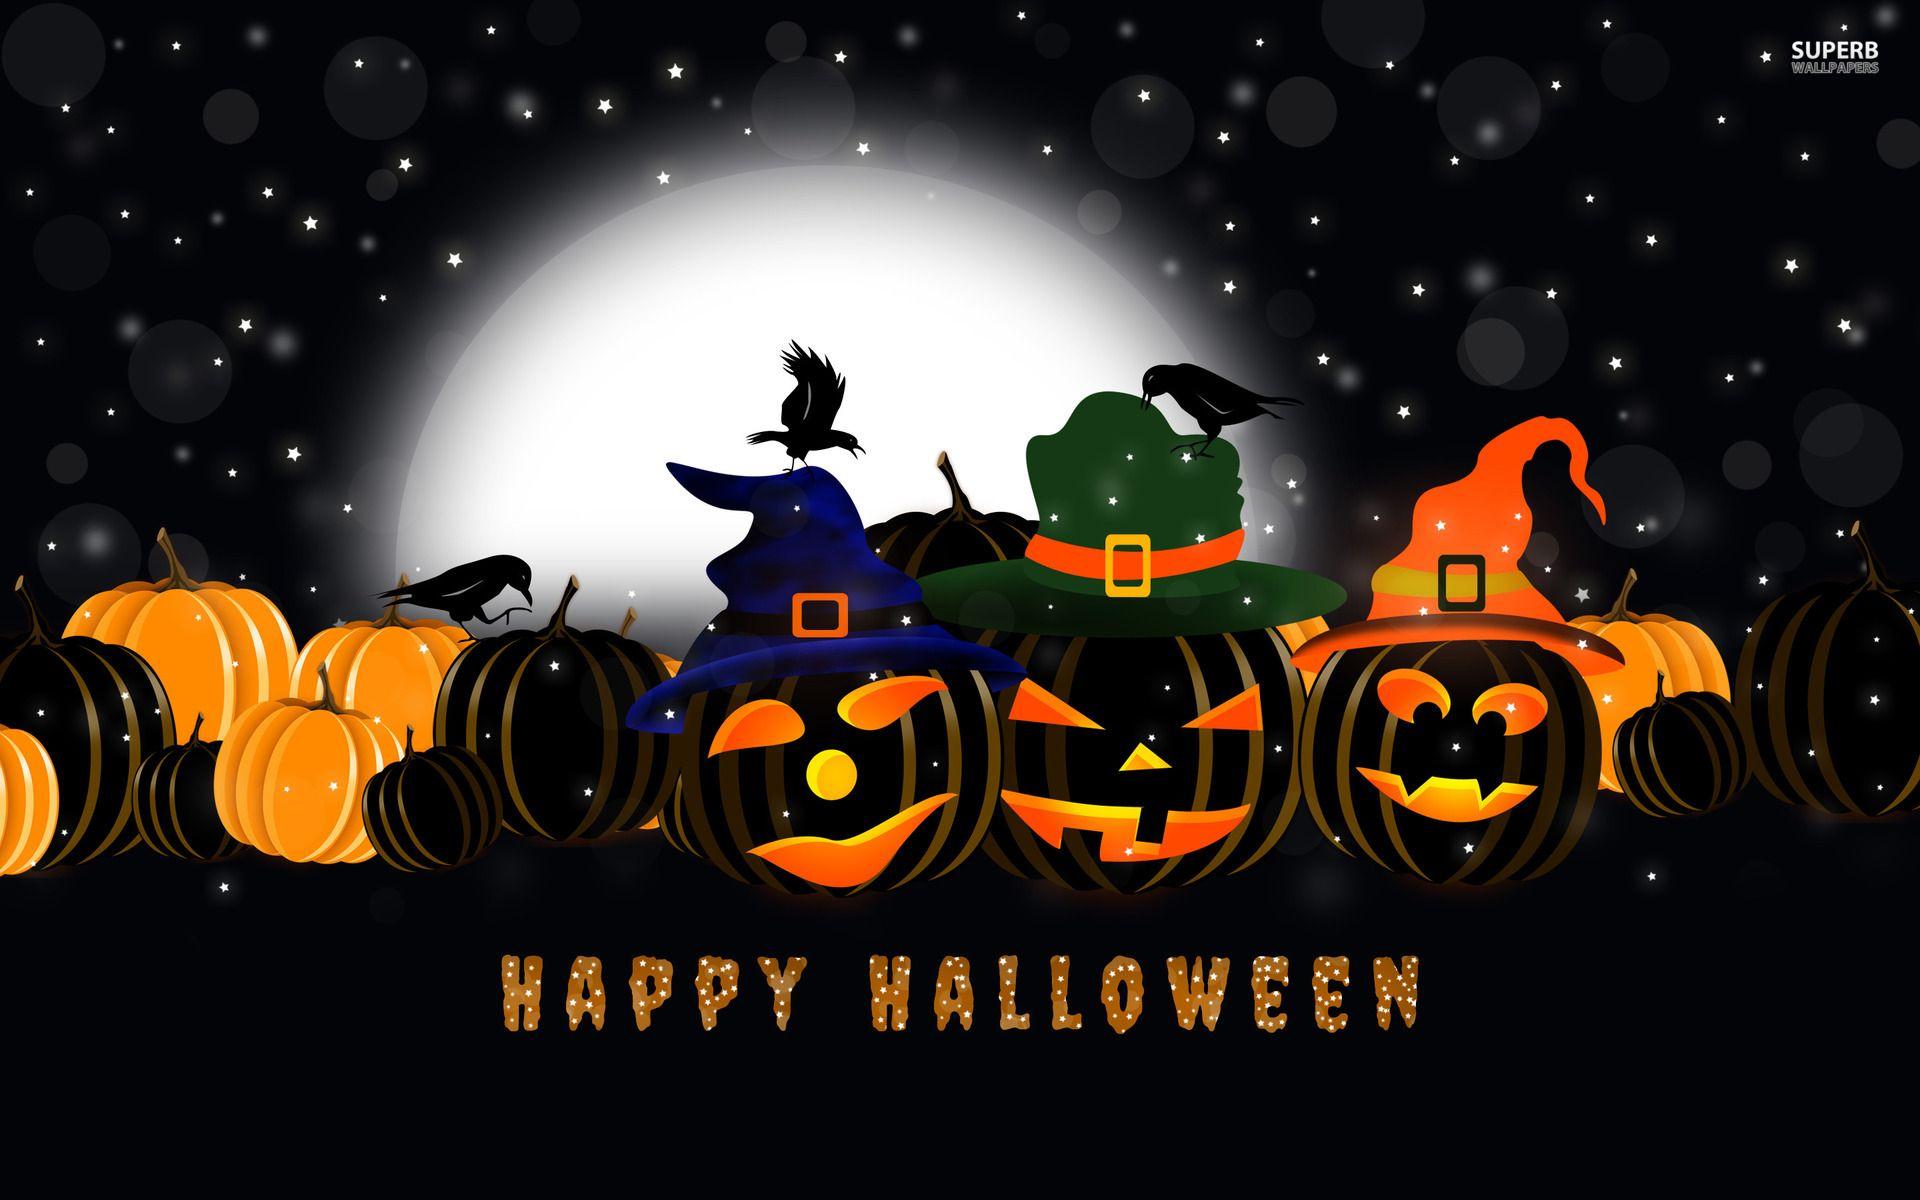 Download Happy Halloween Wallpapers for free. Halloween